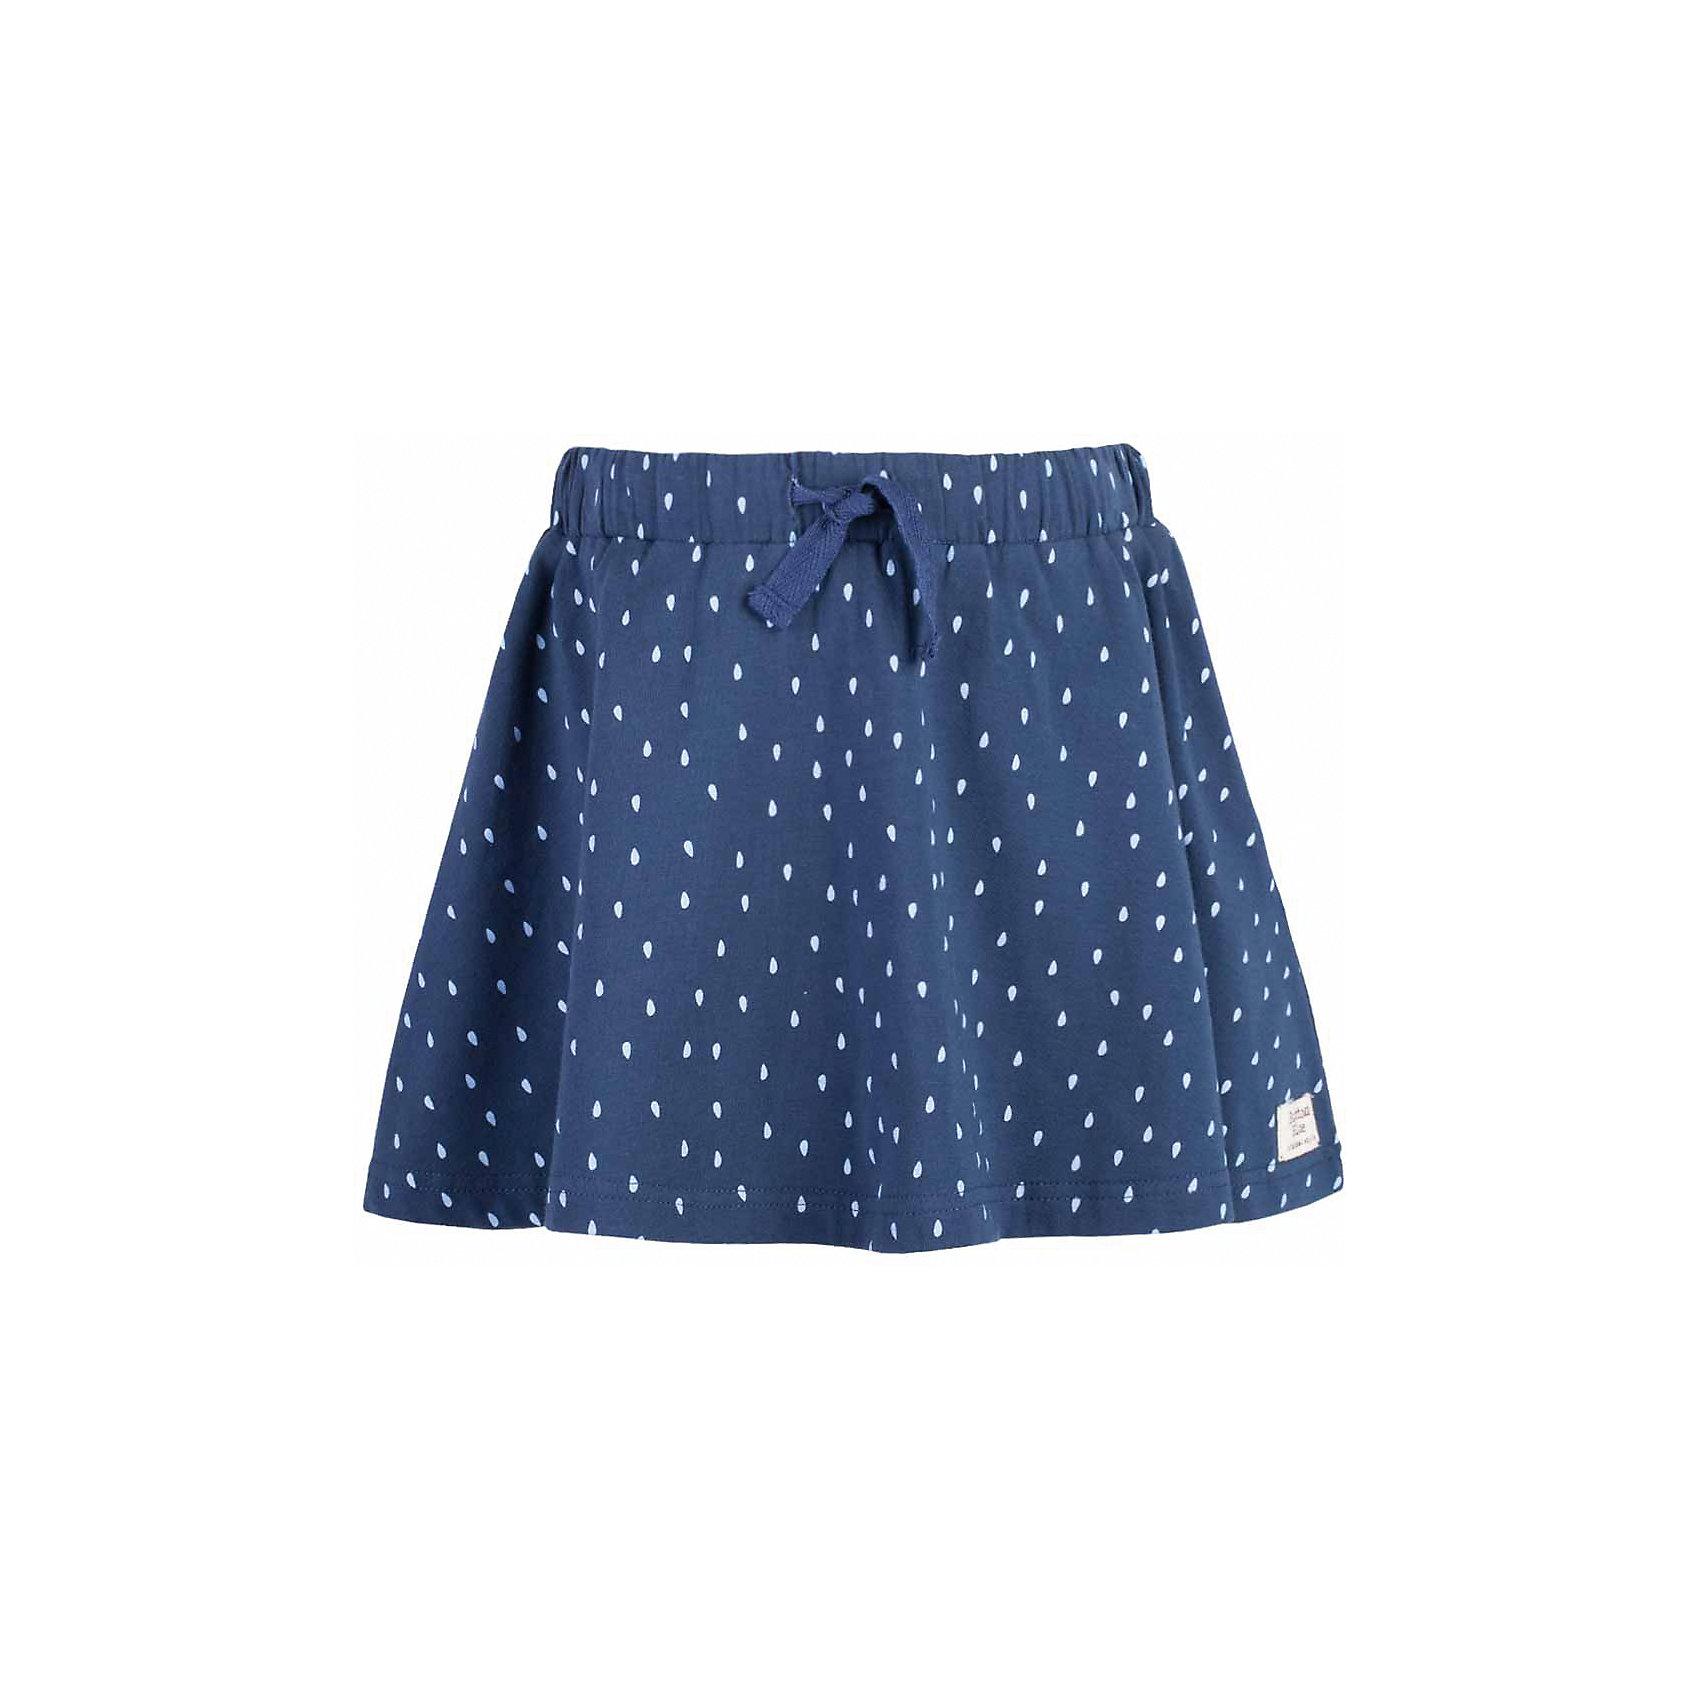 Юбка для девочки  BUTTON BLUEЮбки<br>Юбка для девочки  BUTTON BLUE<br>Не один детский гардероб не обойдется без летней юбки. А если она еще и красива, и удобна, и продается по доступной цене, эта юбка девочке просто необходима! Если вы хотите купить стильную трикотажную юбку недорого, не сомневаясь в ее качестве, комфорте и высоких потребительских свойствах, эта симпатичная модель с рисунком — отличный вариант!<br>Состав:<br>95% хлопок 5% эластан<br><br>Ширина мм: 207<br>Глубина мм: 10<br>Высота мм: 189<br>Вес г: 183<br>Цвет: синий<br>Возраст от месяцев: 24<br>Возраст до месяцев: 36<br>Пол: Женский<br>Возраст: Детский<br>Размер: 98,158,104,110,116,122,128,134,140,146,152<br>SKU: 5523571